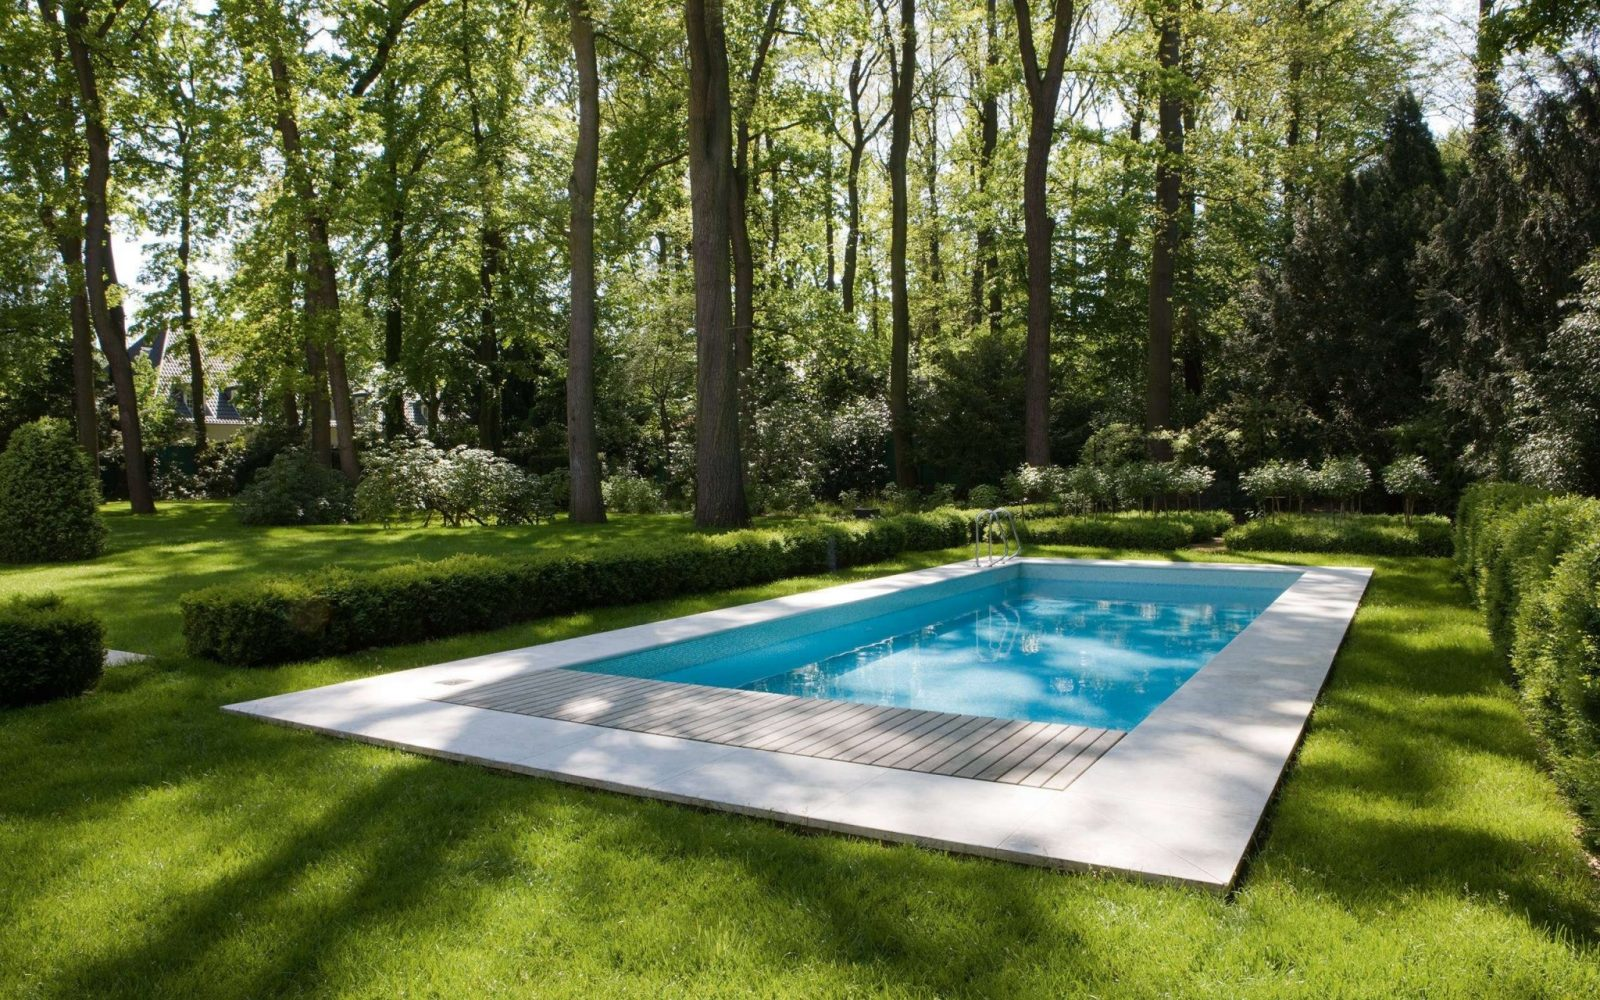 Garten Gestalten Mit Pool Elegant Gartenideen Terrasse Pool von Garten Gestalten Mit Pool Photo